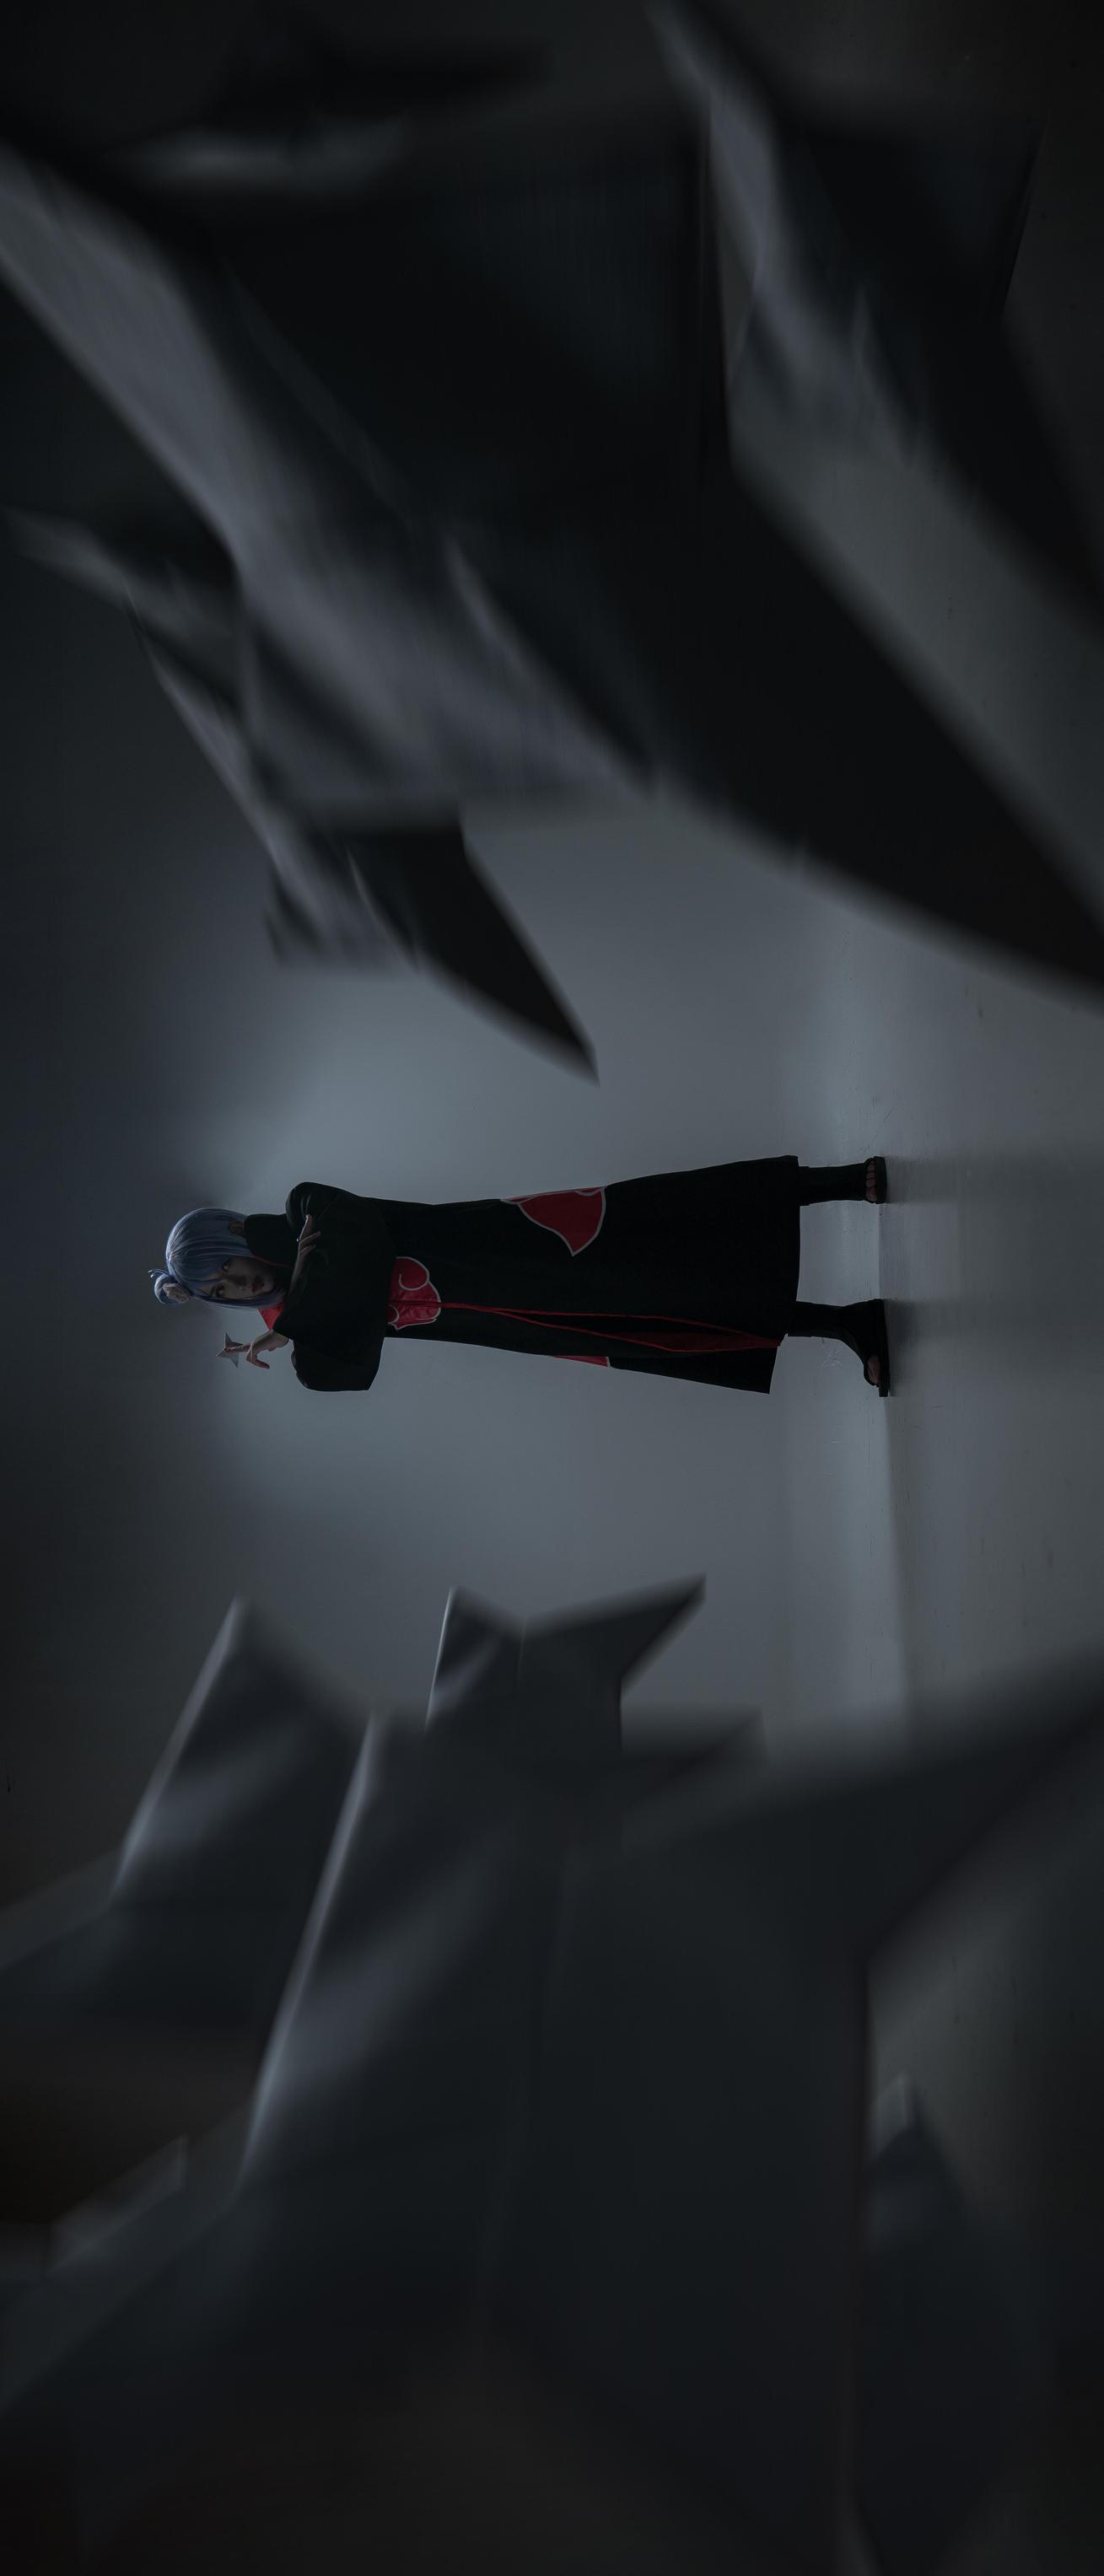 《火影忍者》正片cosplay【CN:令和废物飘大炮】-第5张